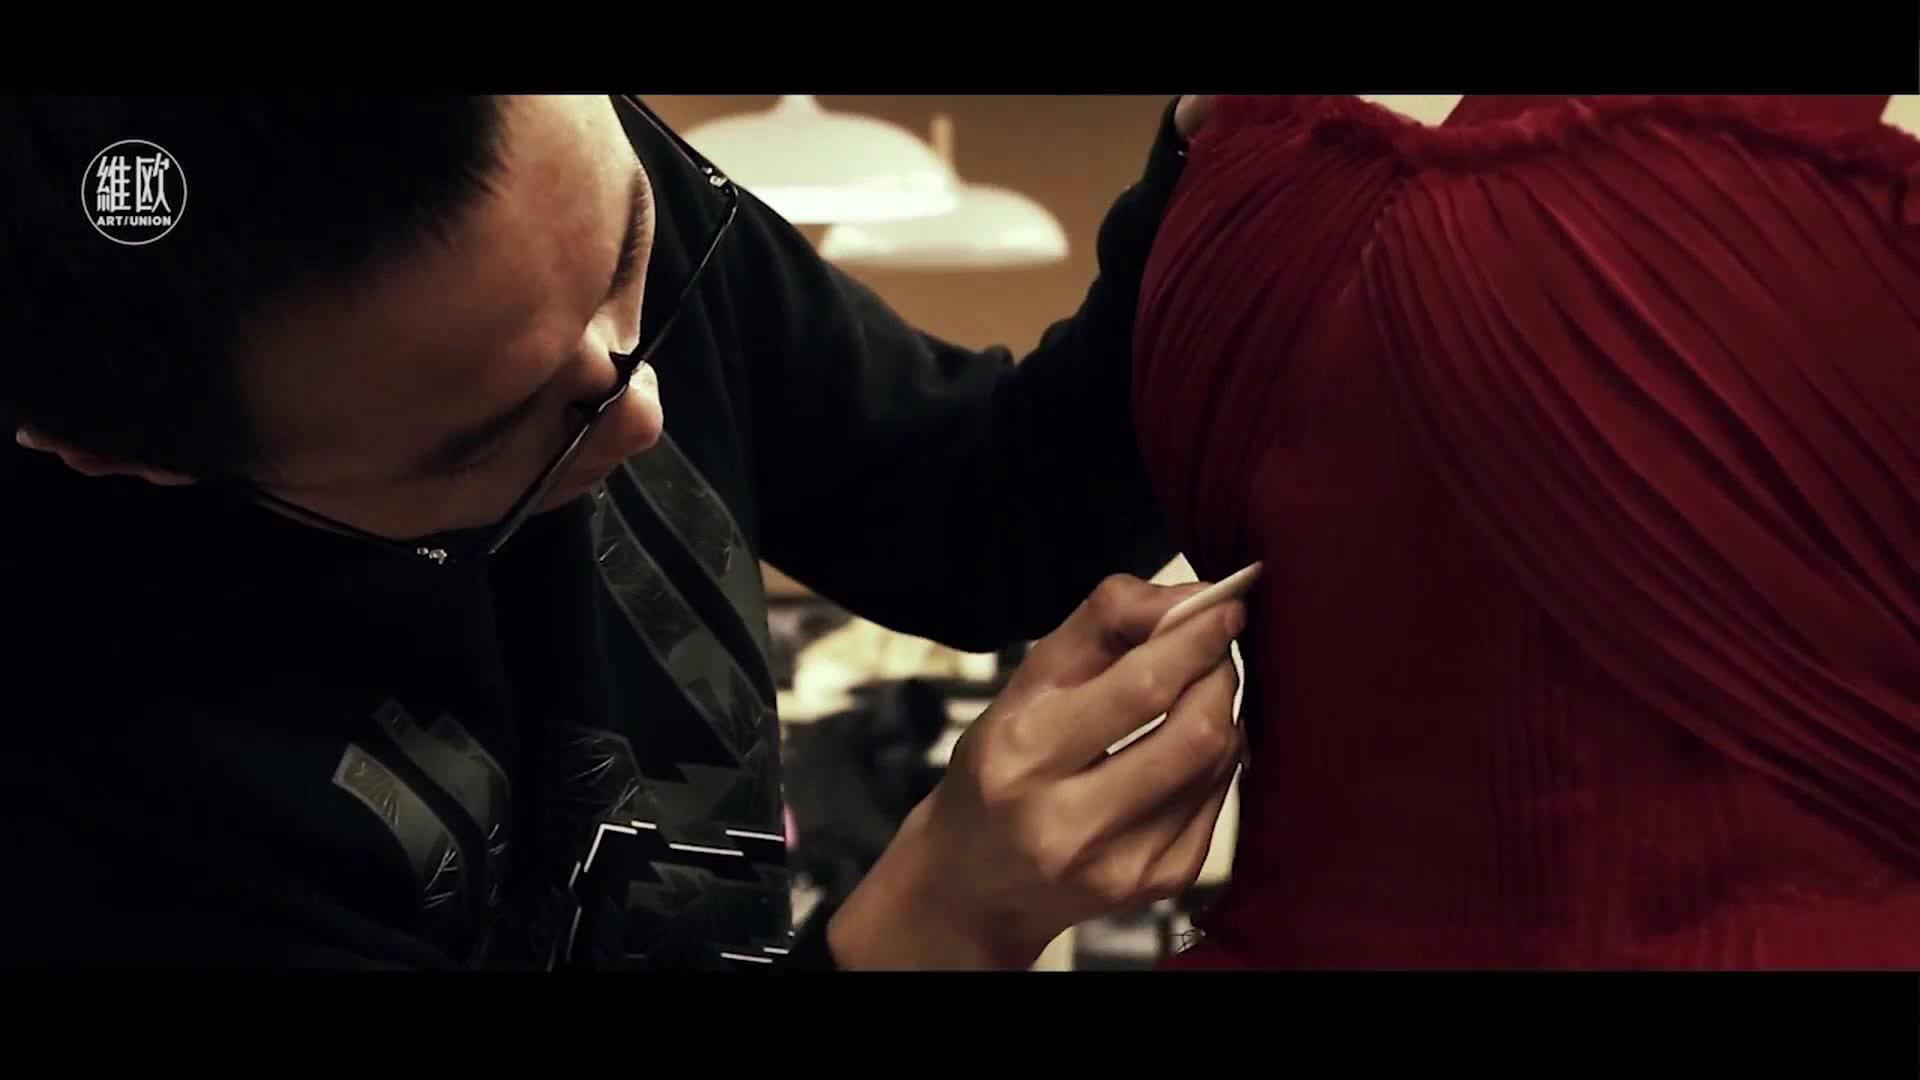 维欧服装工坊,想学好制版你需要先了解这些!